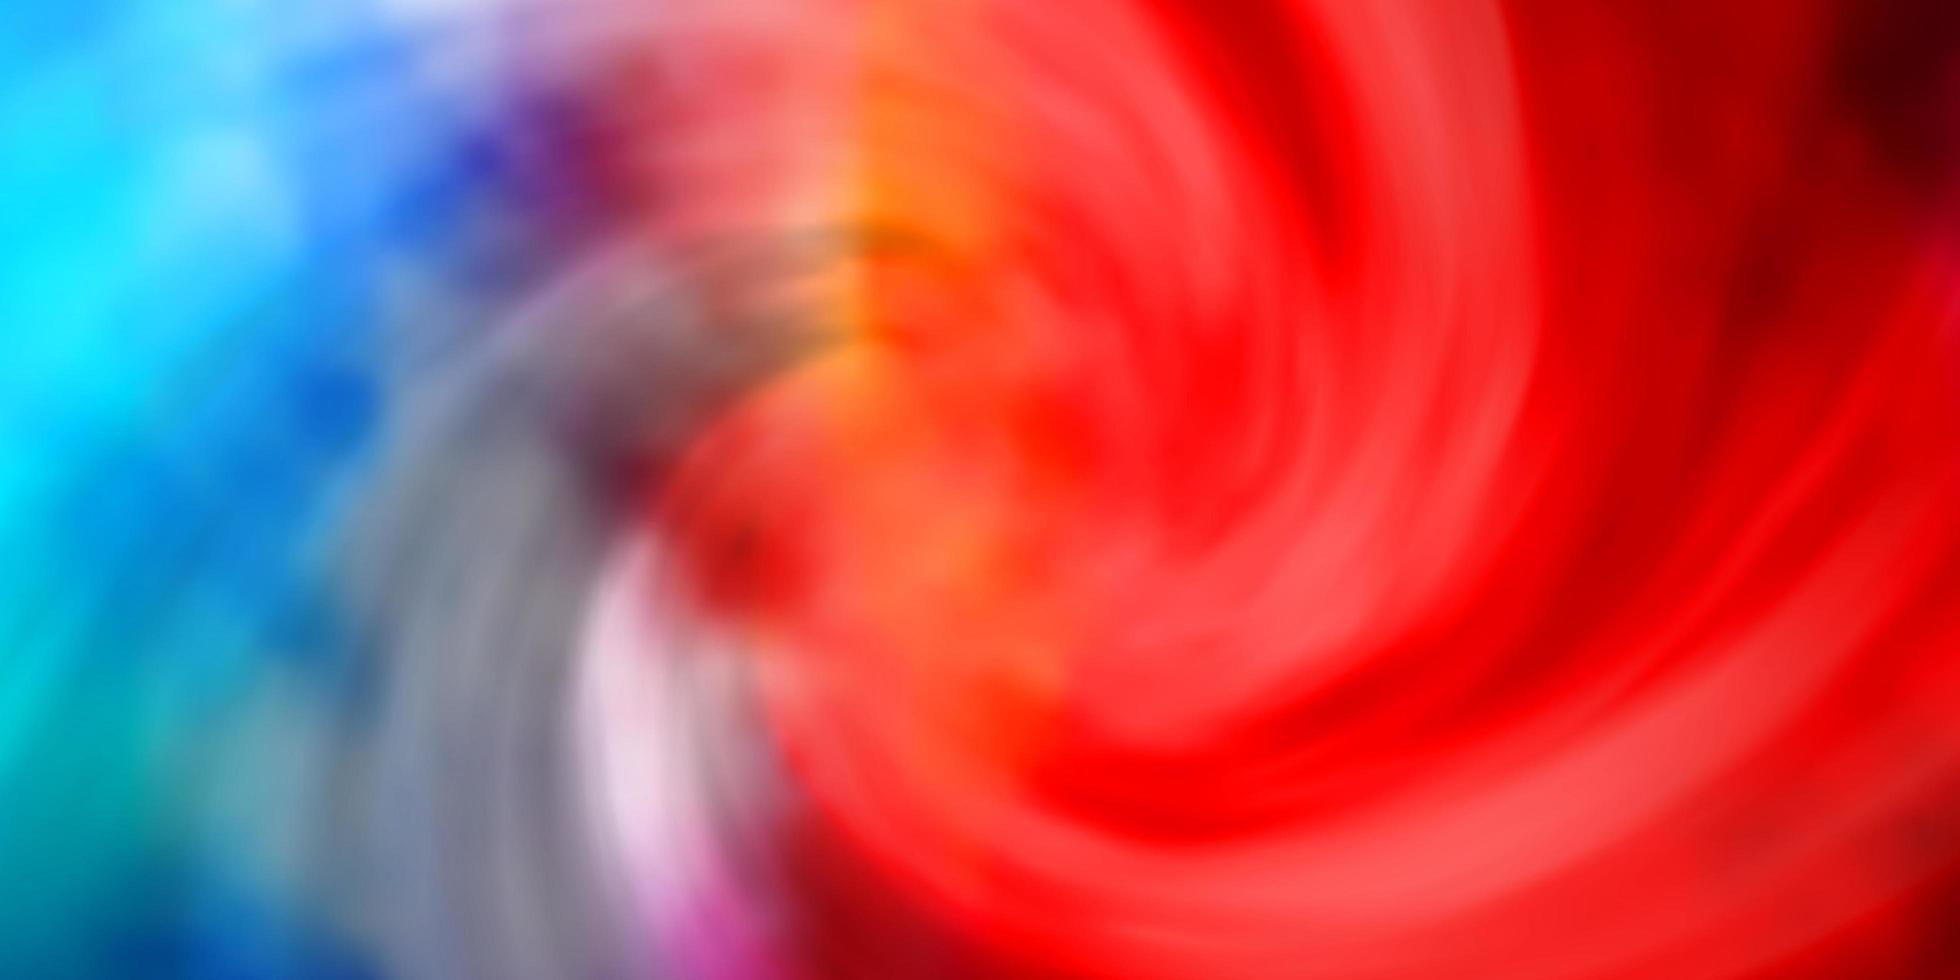 ljus flerfärgad vektor mönster med moln.